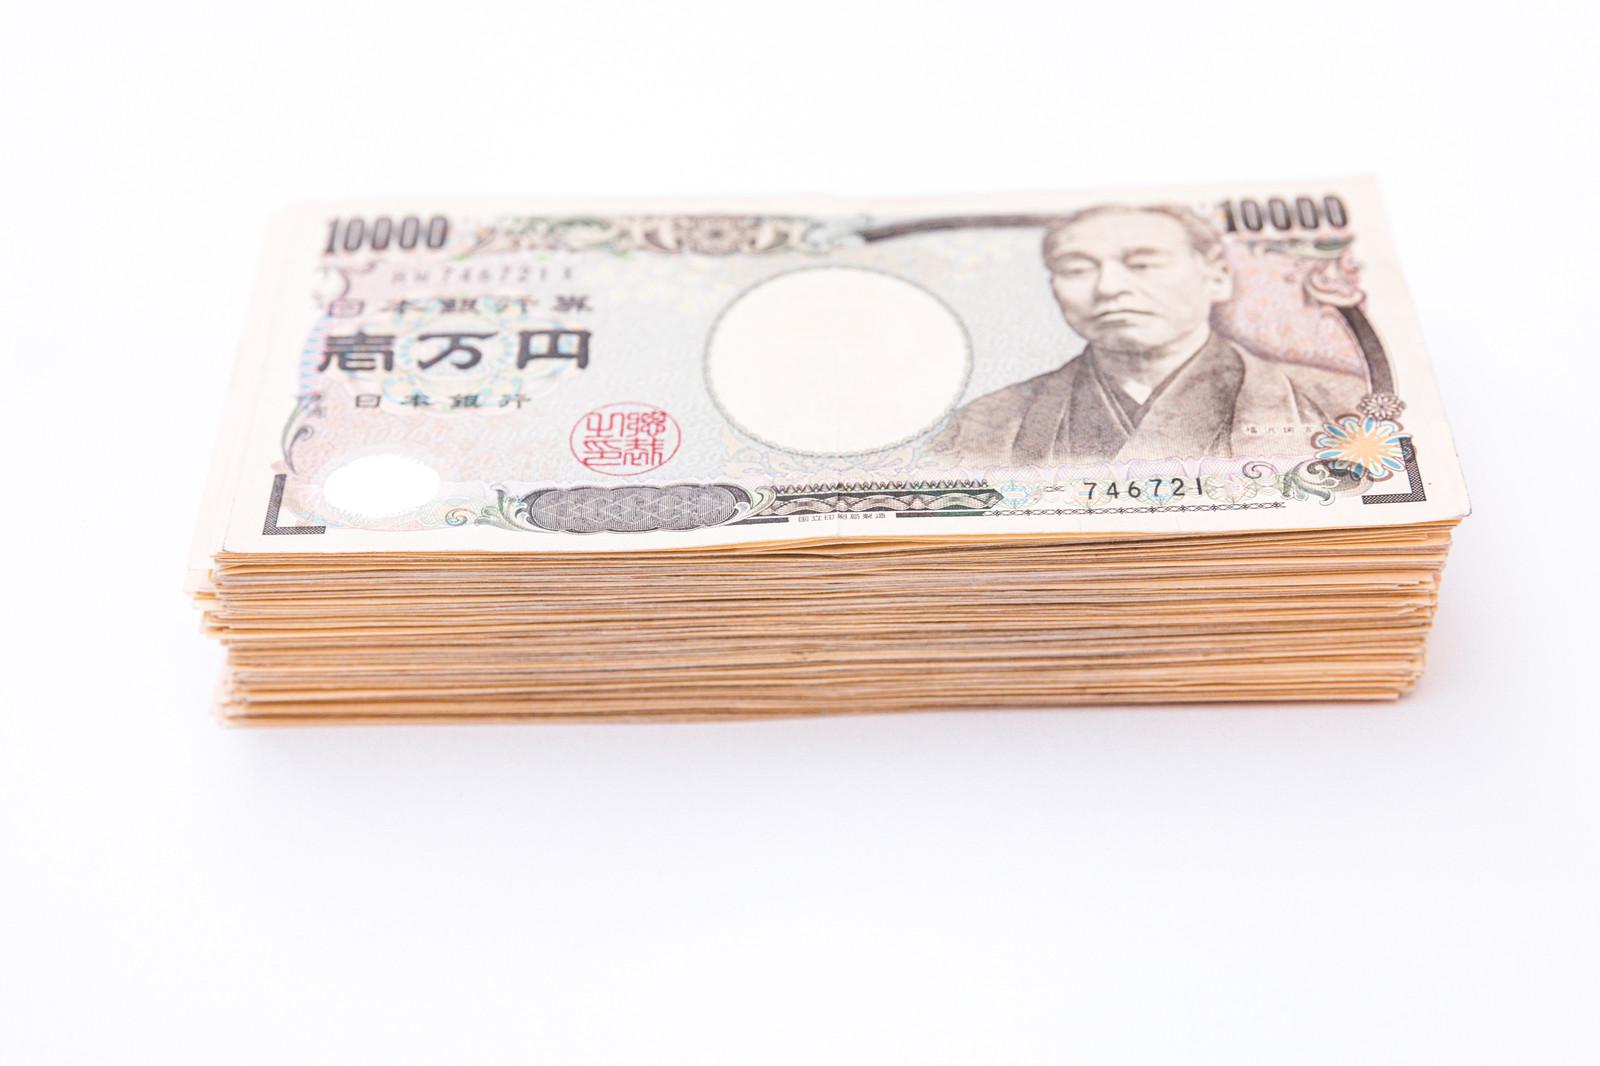 6000万円のお金が手に入りました